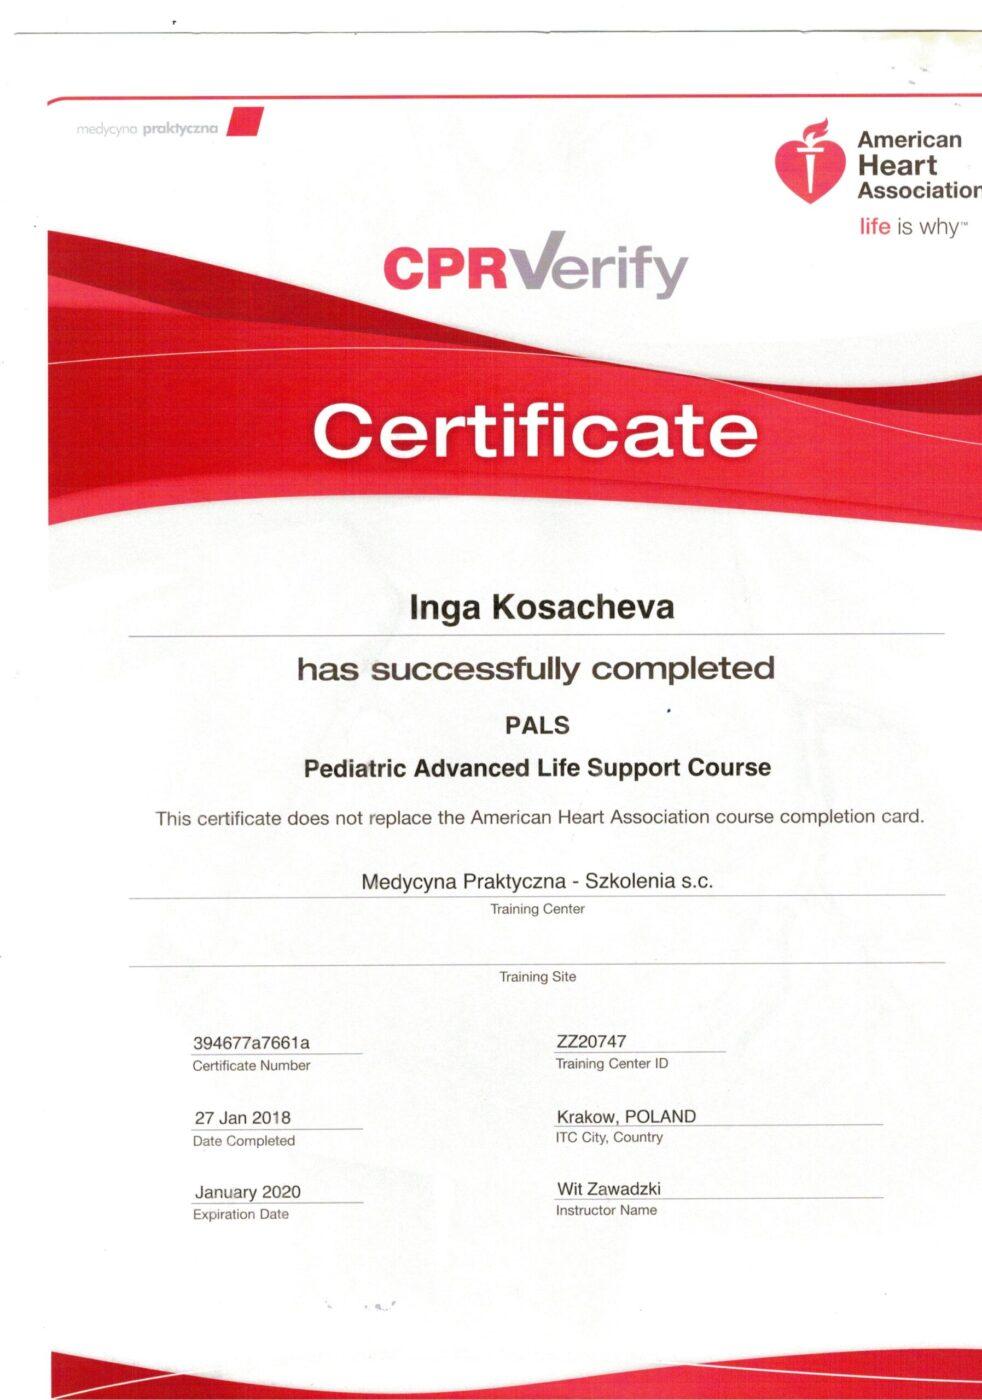 Сертифікат дитячого лікаря анестезіолога Косачевої Інги Сергіївни об участі у курсі (Pediatric Cardiovascular Life Support Course)